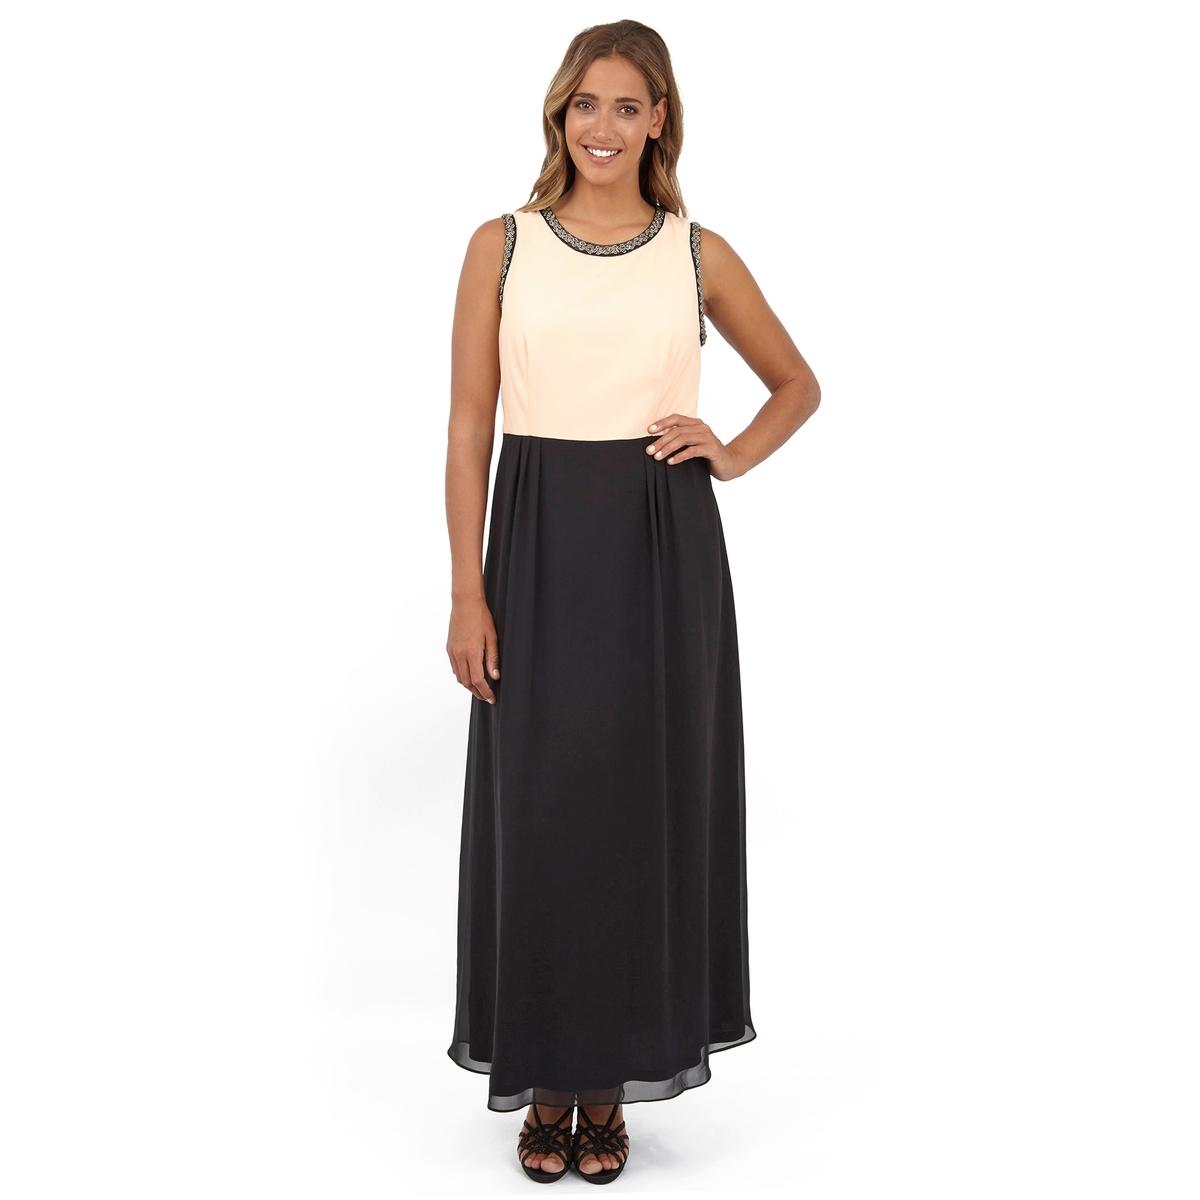 Платье длинноеПлатье длинное без рукавов - LOVEDROBE. Симпатичное двухцветное платье-макси. Длина ок.155 см<br><br>Цвет: слоновая кость/ черный<br>Размер: 58/60 (FR) - 64/66 (RUS).50/52 (FR) - 56/58 (RUS)